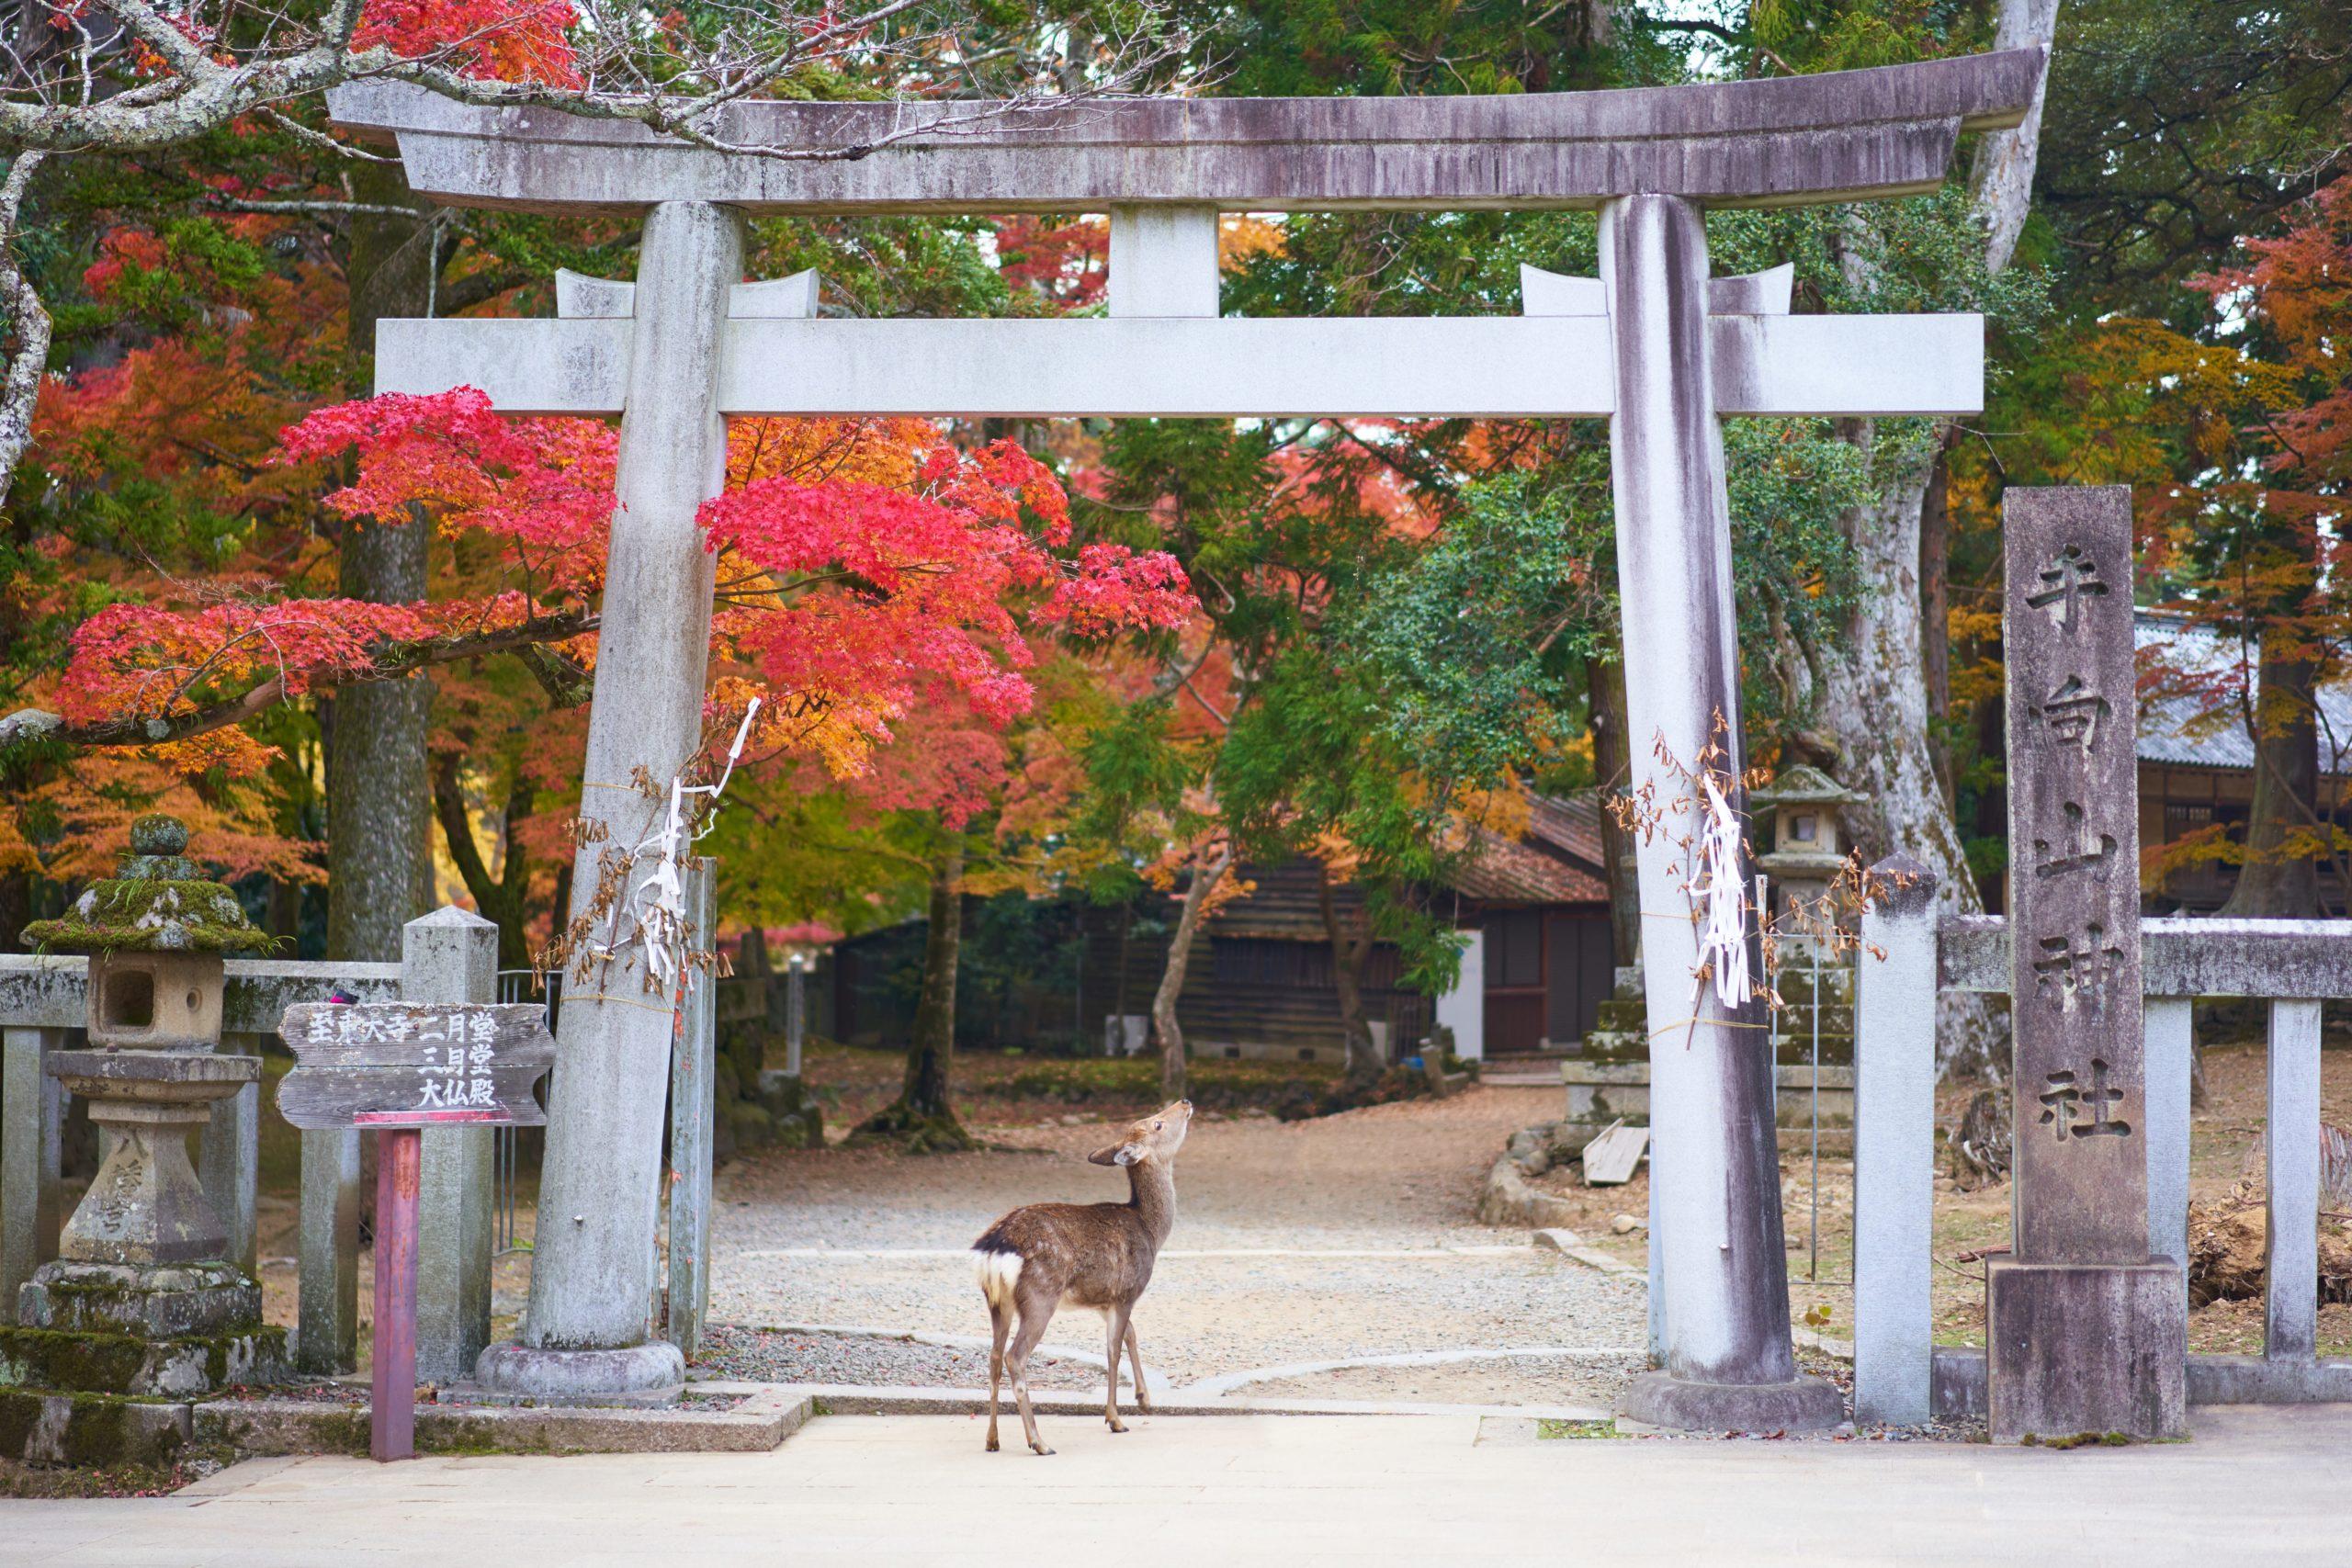 素敵な一夜を過ごせる!古都奈良のおすすめ宿まとめ